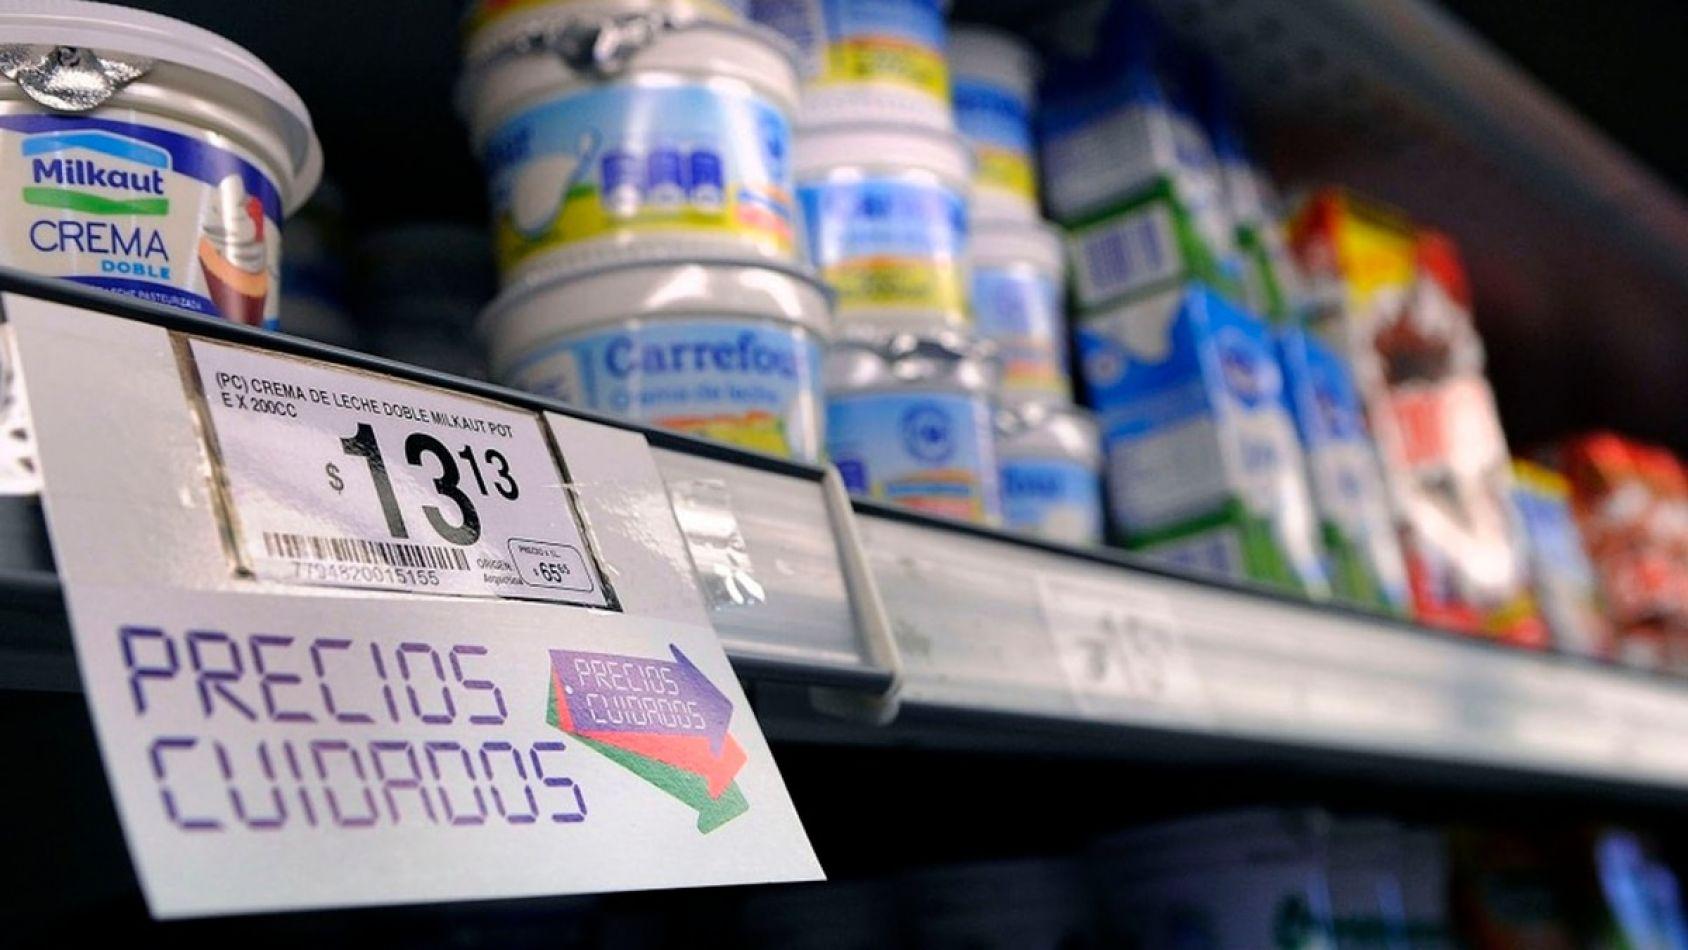 Precios Cuidados: el nuevo programa tendrá más de 600 productos